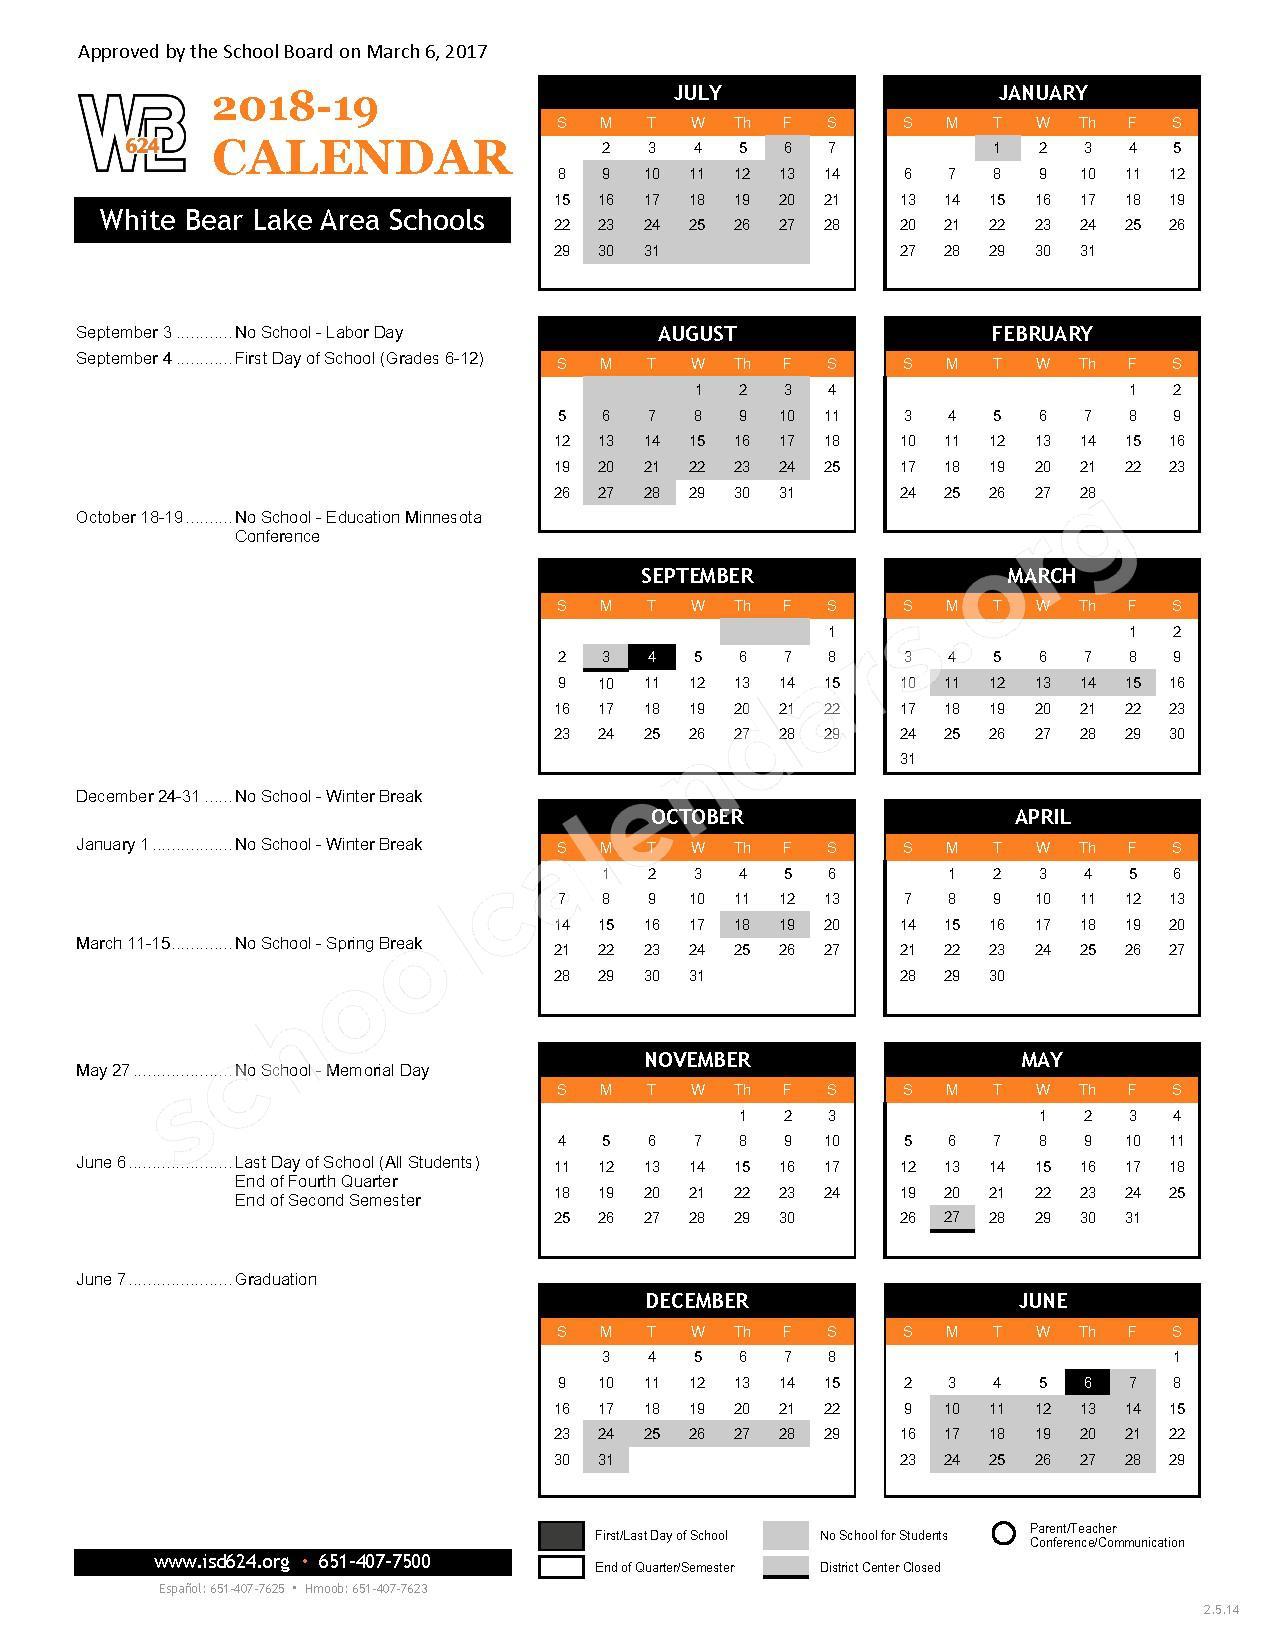 2018 - 2019 District Calendar – White Bear Lake School District – page 1